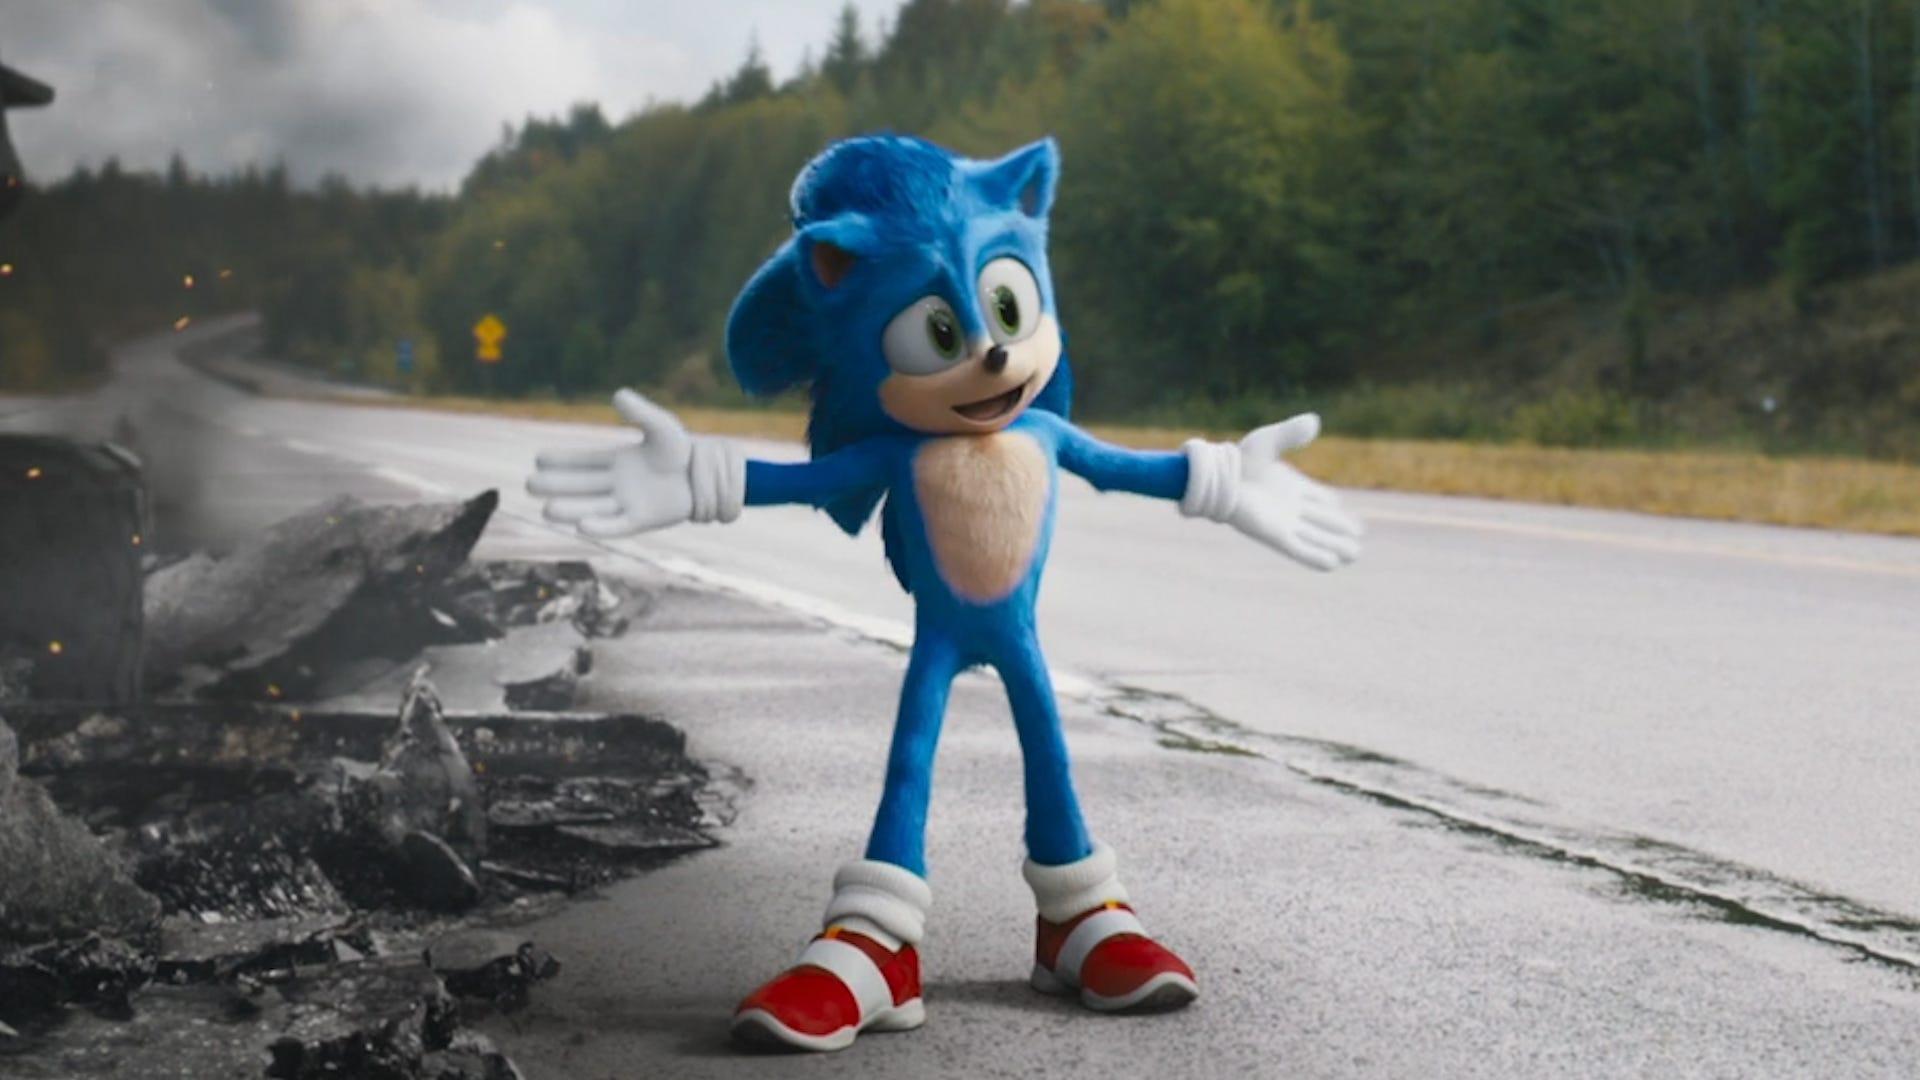 A Paramount ouviu os fãs, alterando o desing do Sonic, e estes foram em peso aos cinemas assistir a estreia do filme do ouriço azul.